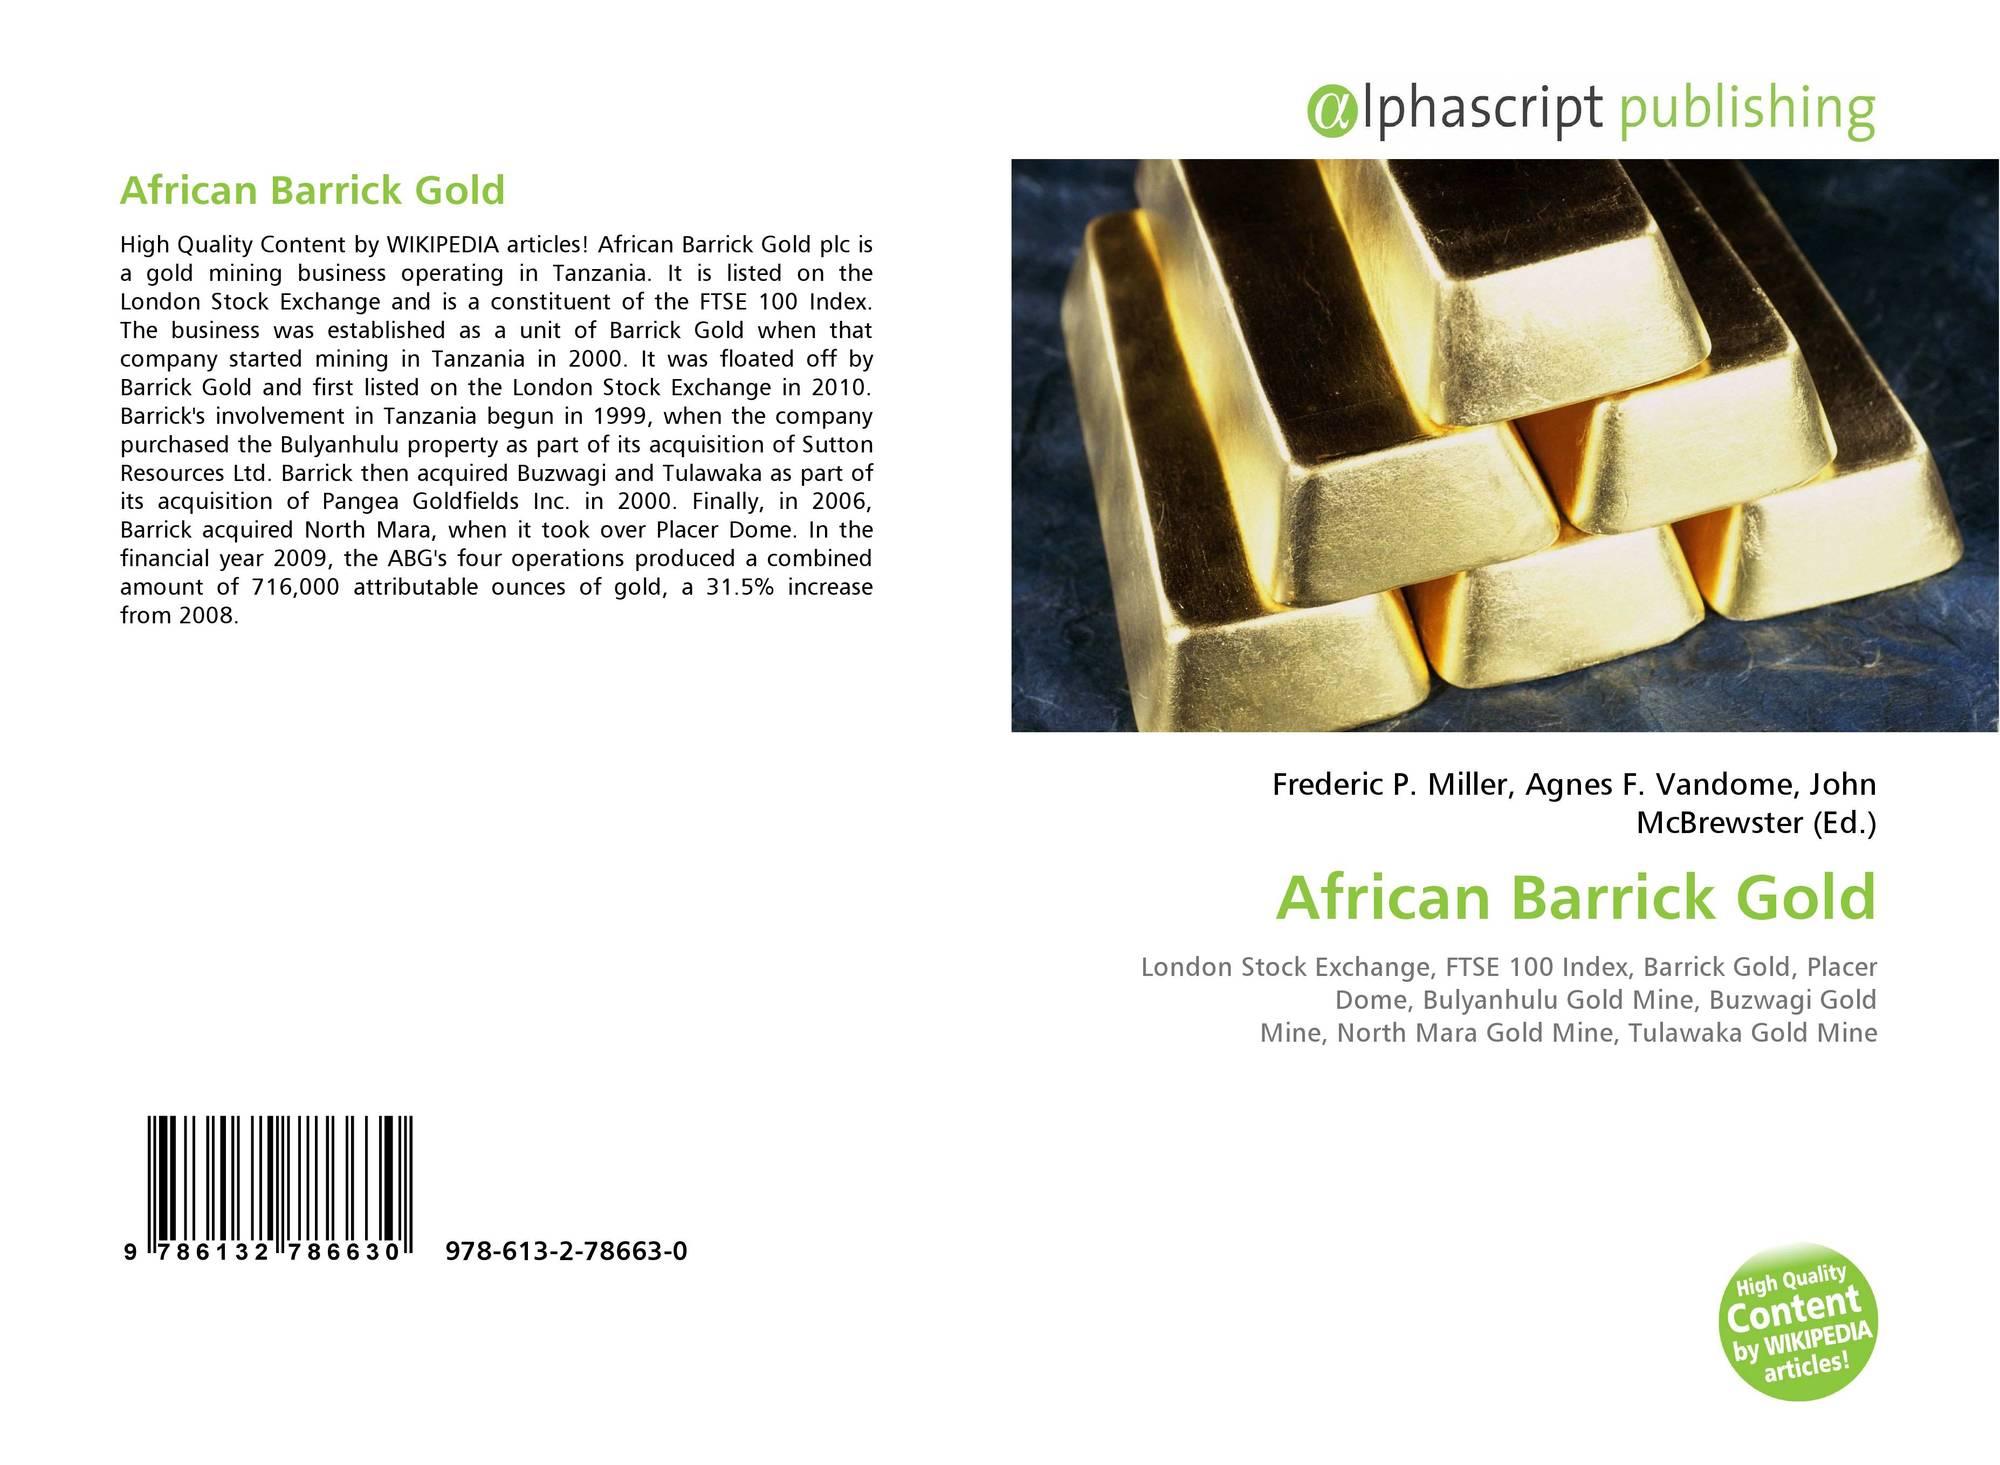 African Barrick Gold, 978-613-2-78663-0, 6132786635